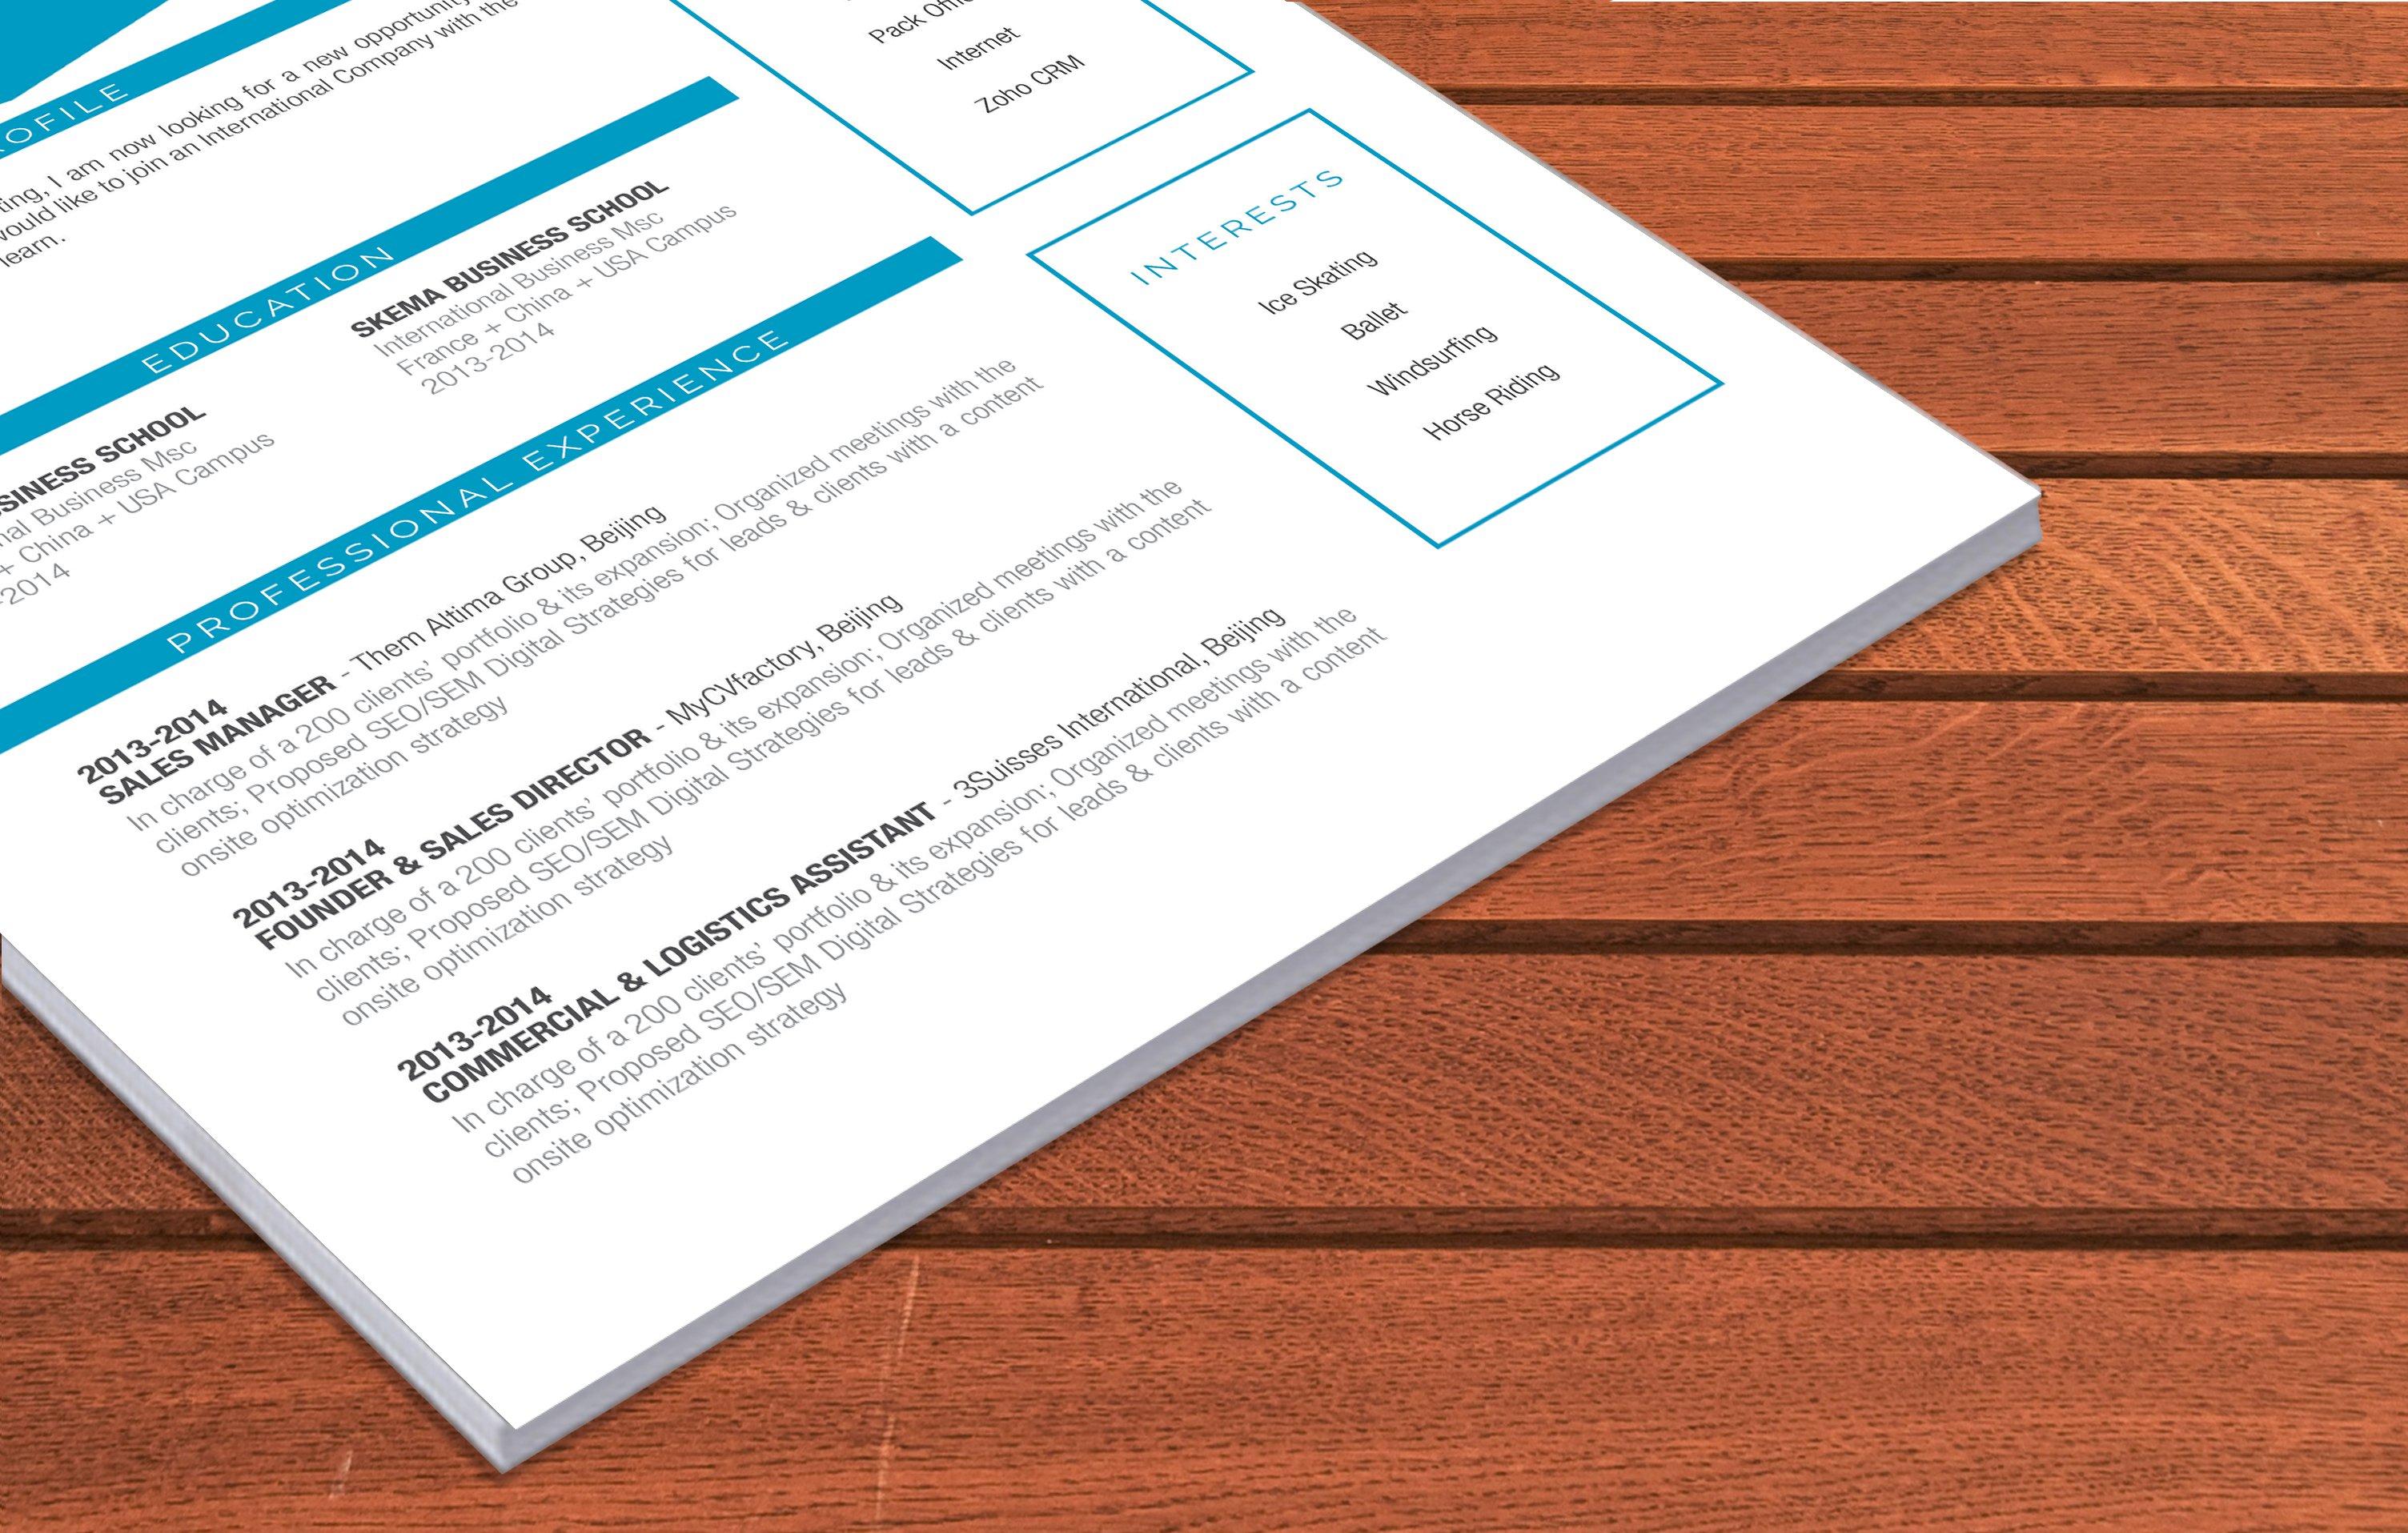 resume-builder-mycvfactory-valiant-2_spxJIje.jpg